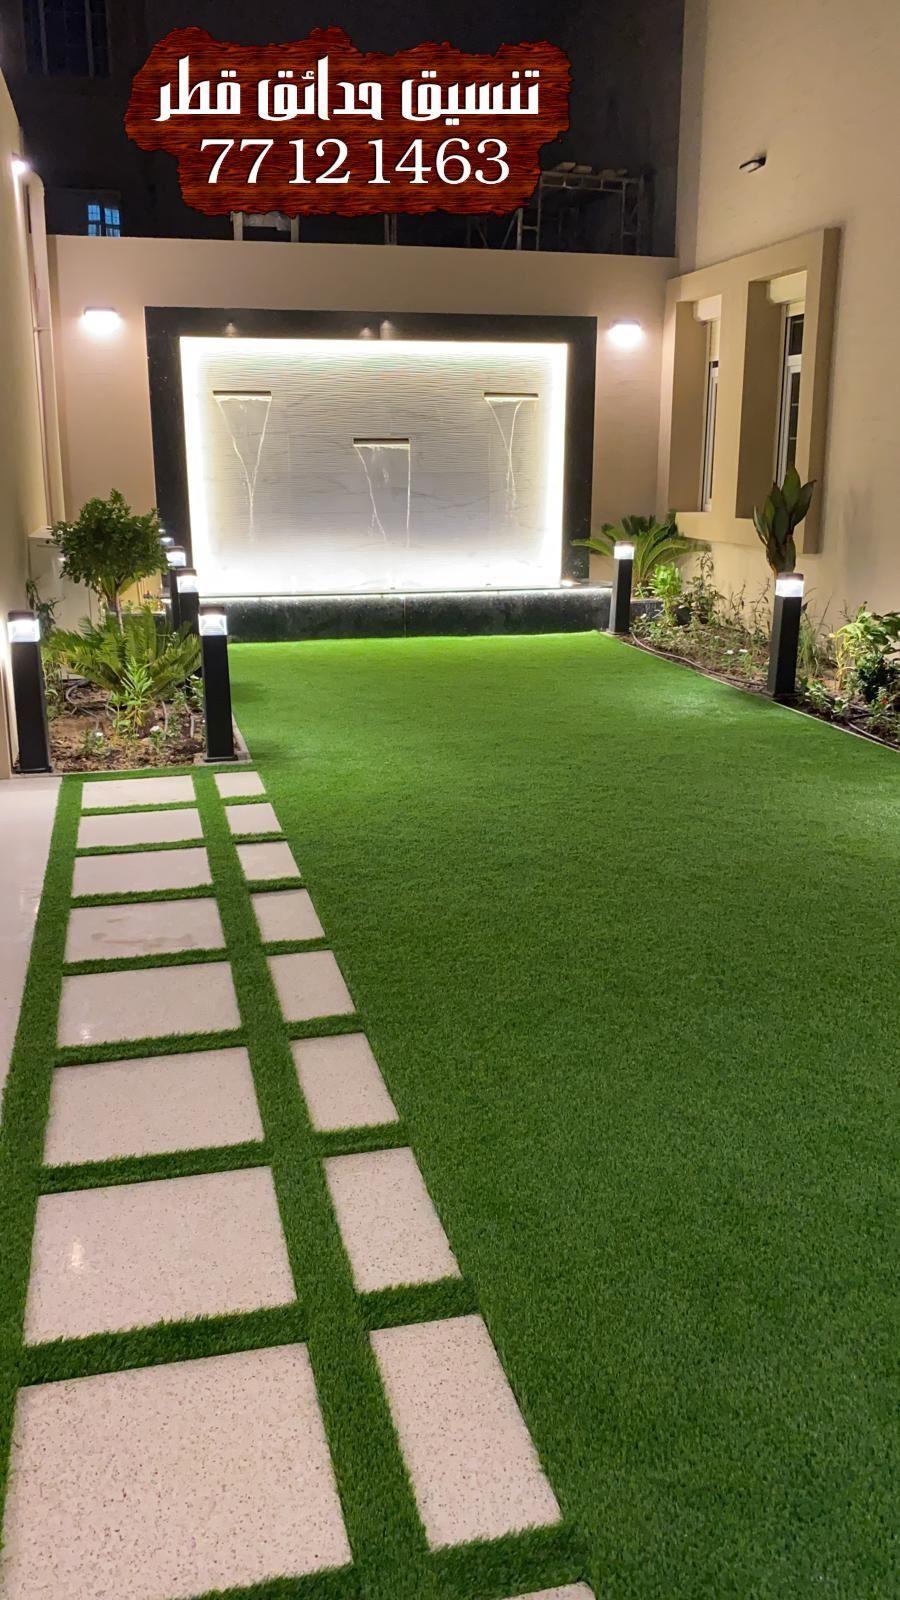 افكار تصميم حديقة منزلية قطر افكار تنسيق حدائق افكار تنسيق حدائق منزليه افكار تجميل حدائق منزلية Instagram Instagram Photo Photo And Video